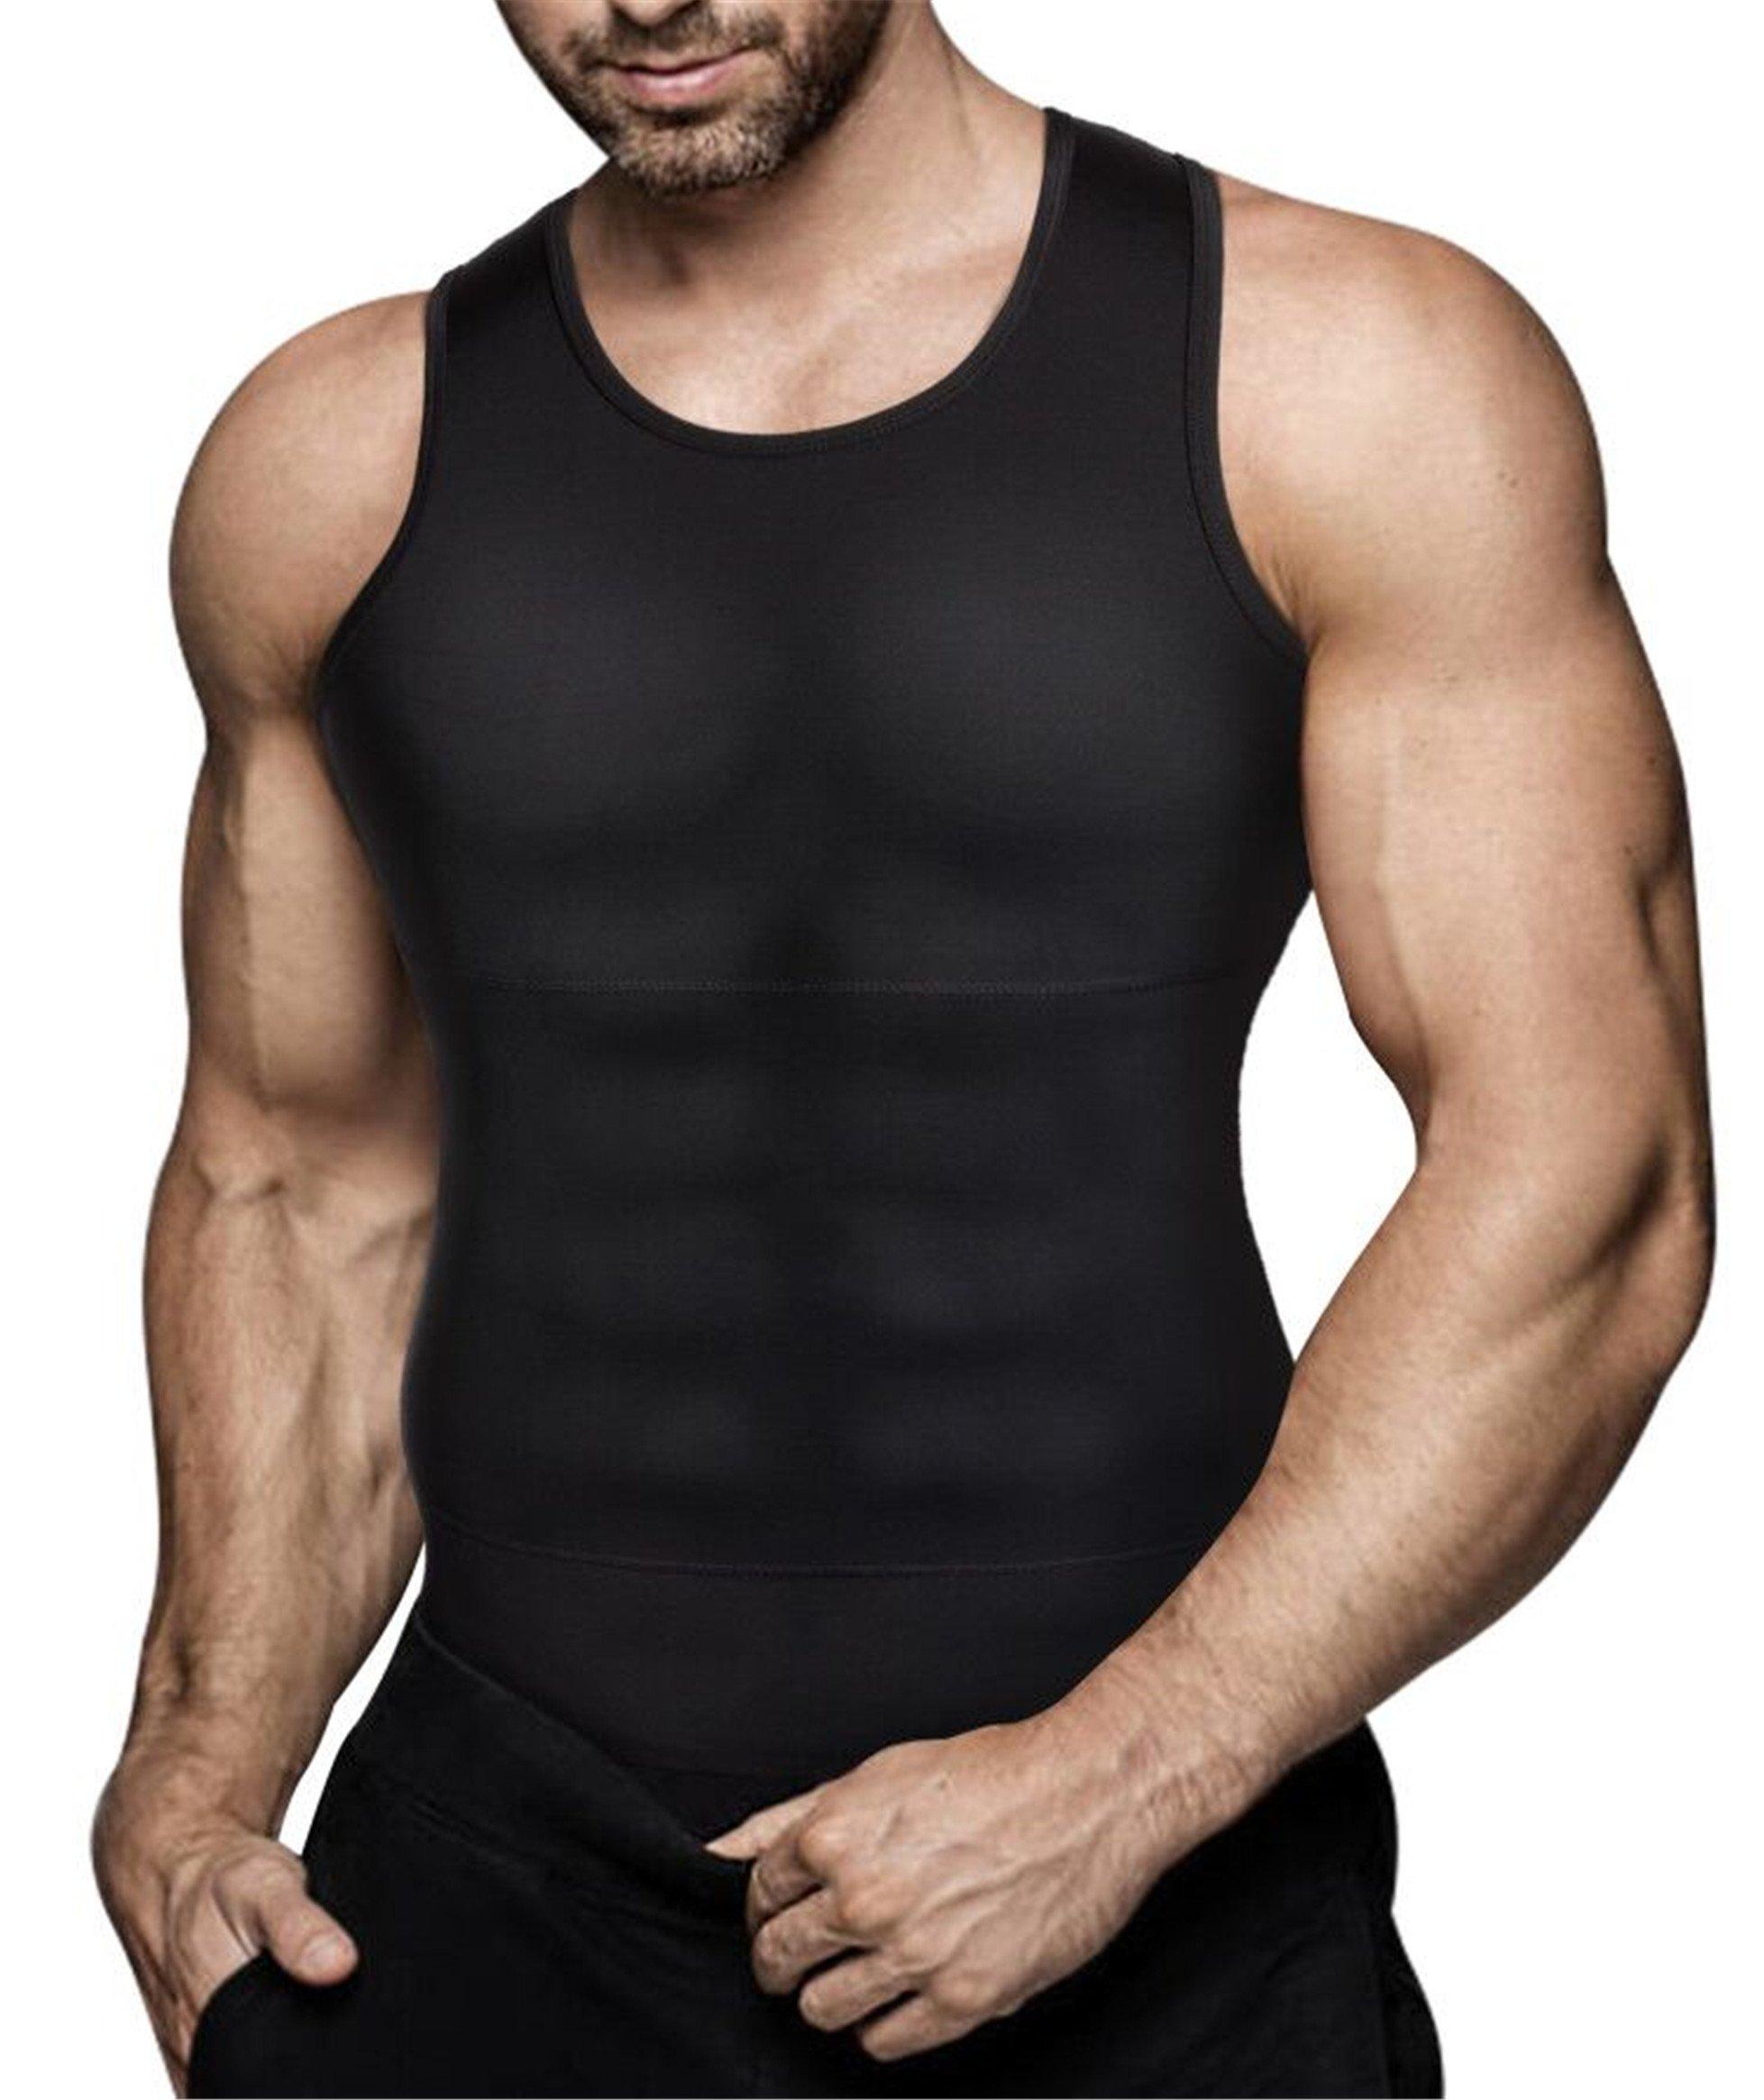 Uomini Canotta Dimagrante Body Shaper Camicia A Compressione Nascondere Il Ginecomastia Moobs Chest Dimagrante Shapewear Canotta Intima